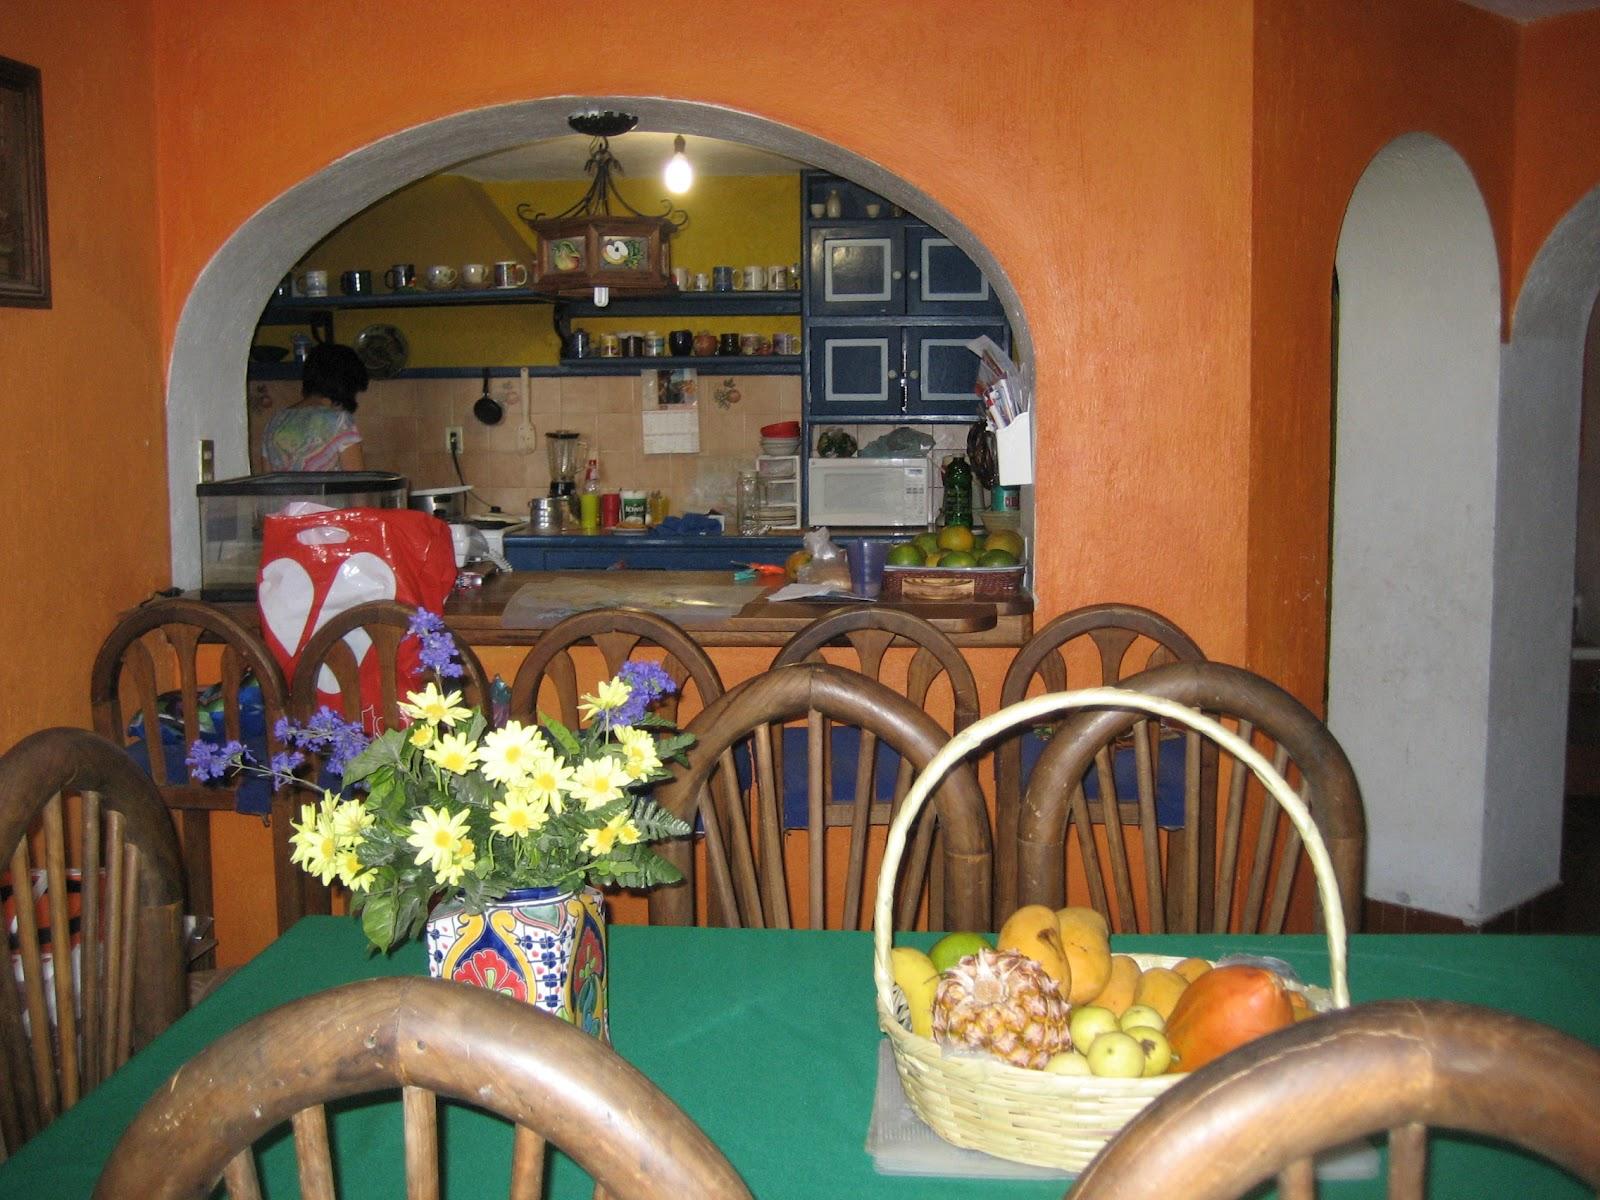 2 m xico 4 the titans june 2012 for Comedor y cocina